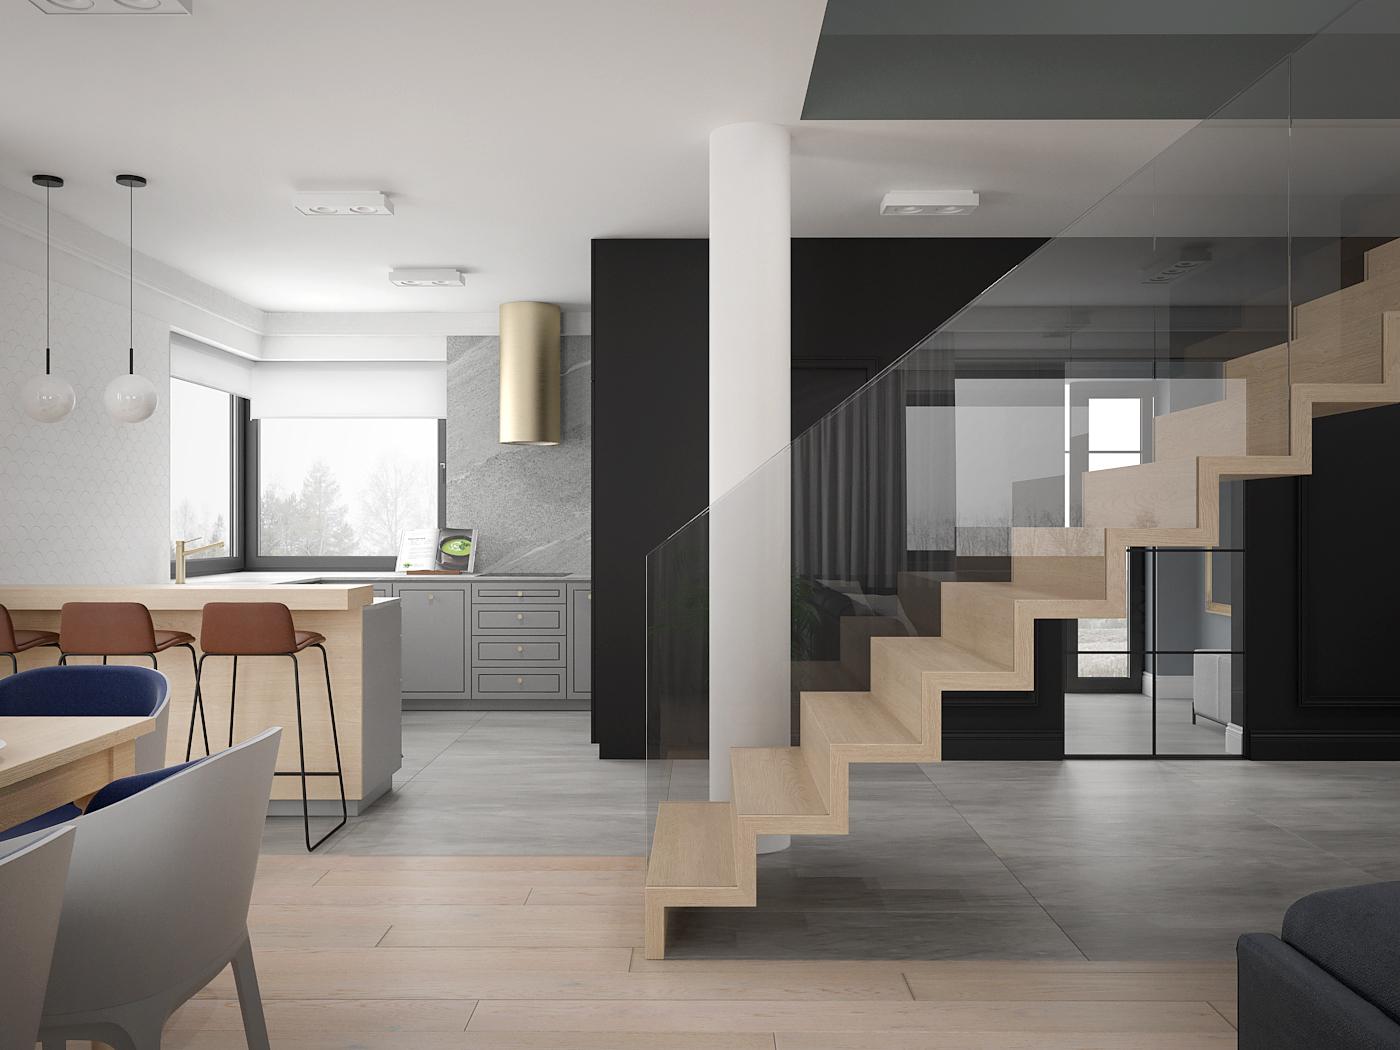 7 architek wnetrz D538 dom nowy sacz salon z kuchnia schody drewniane dywanowe szklana balustrada